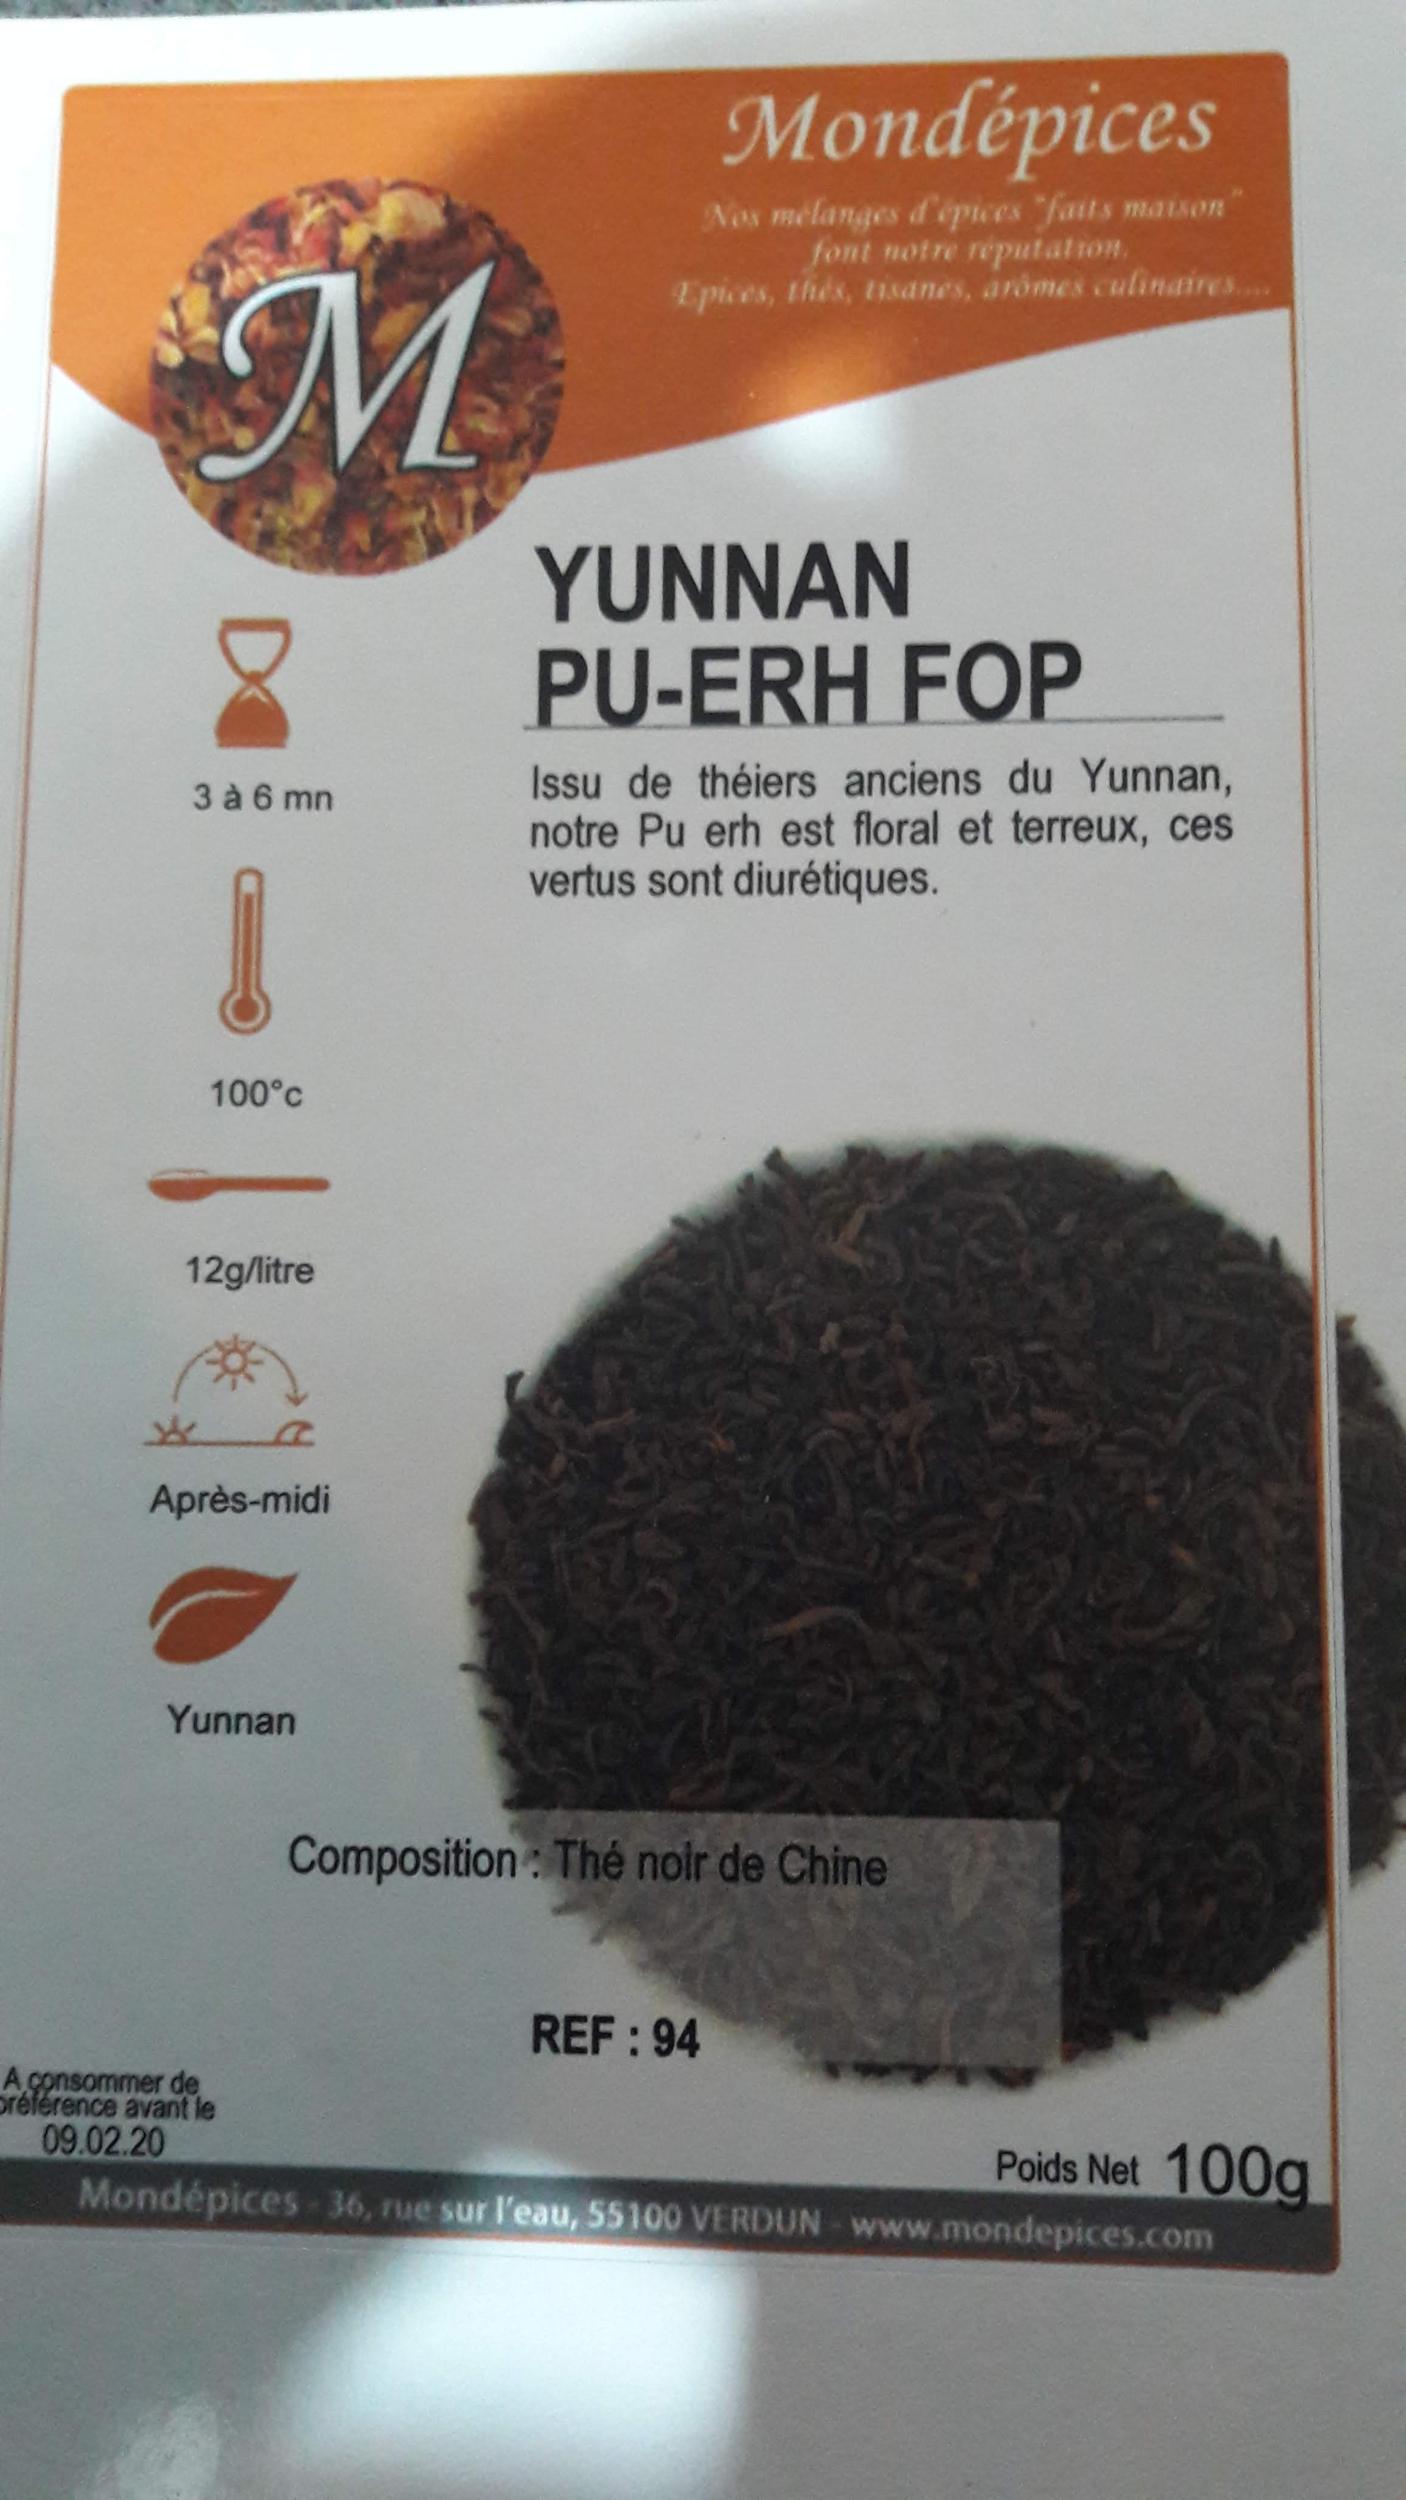 THE YUNNAN PU -ERH FOP 100 g